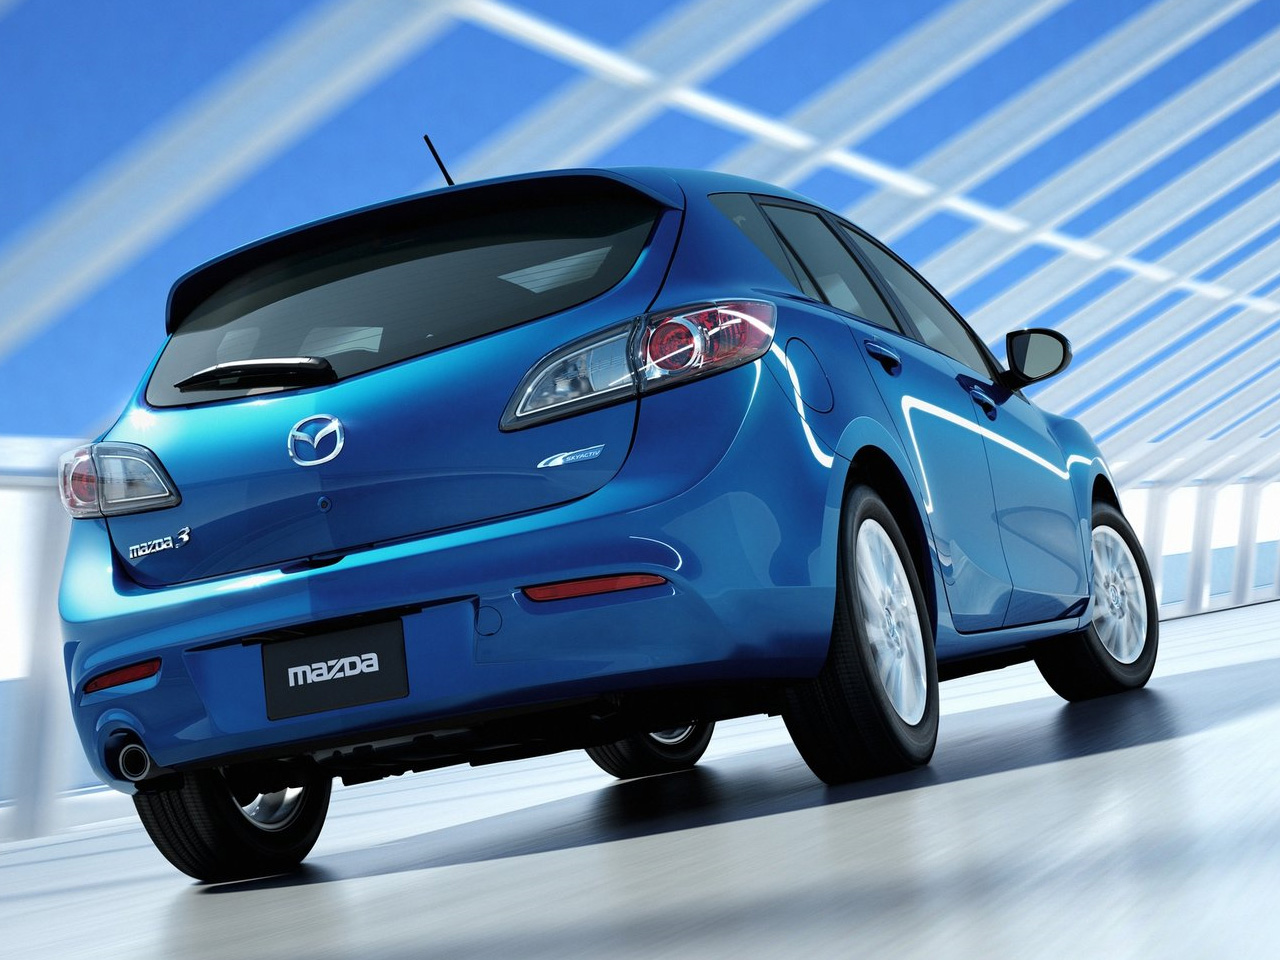 Kelebihan Kekurangan Mazda 3 2011 Harga